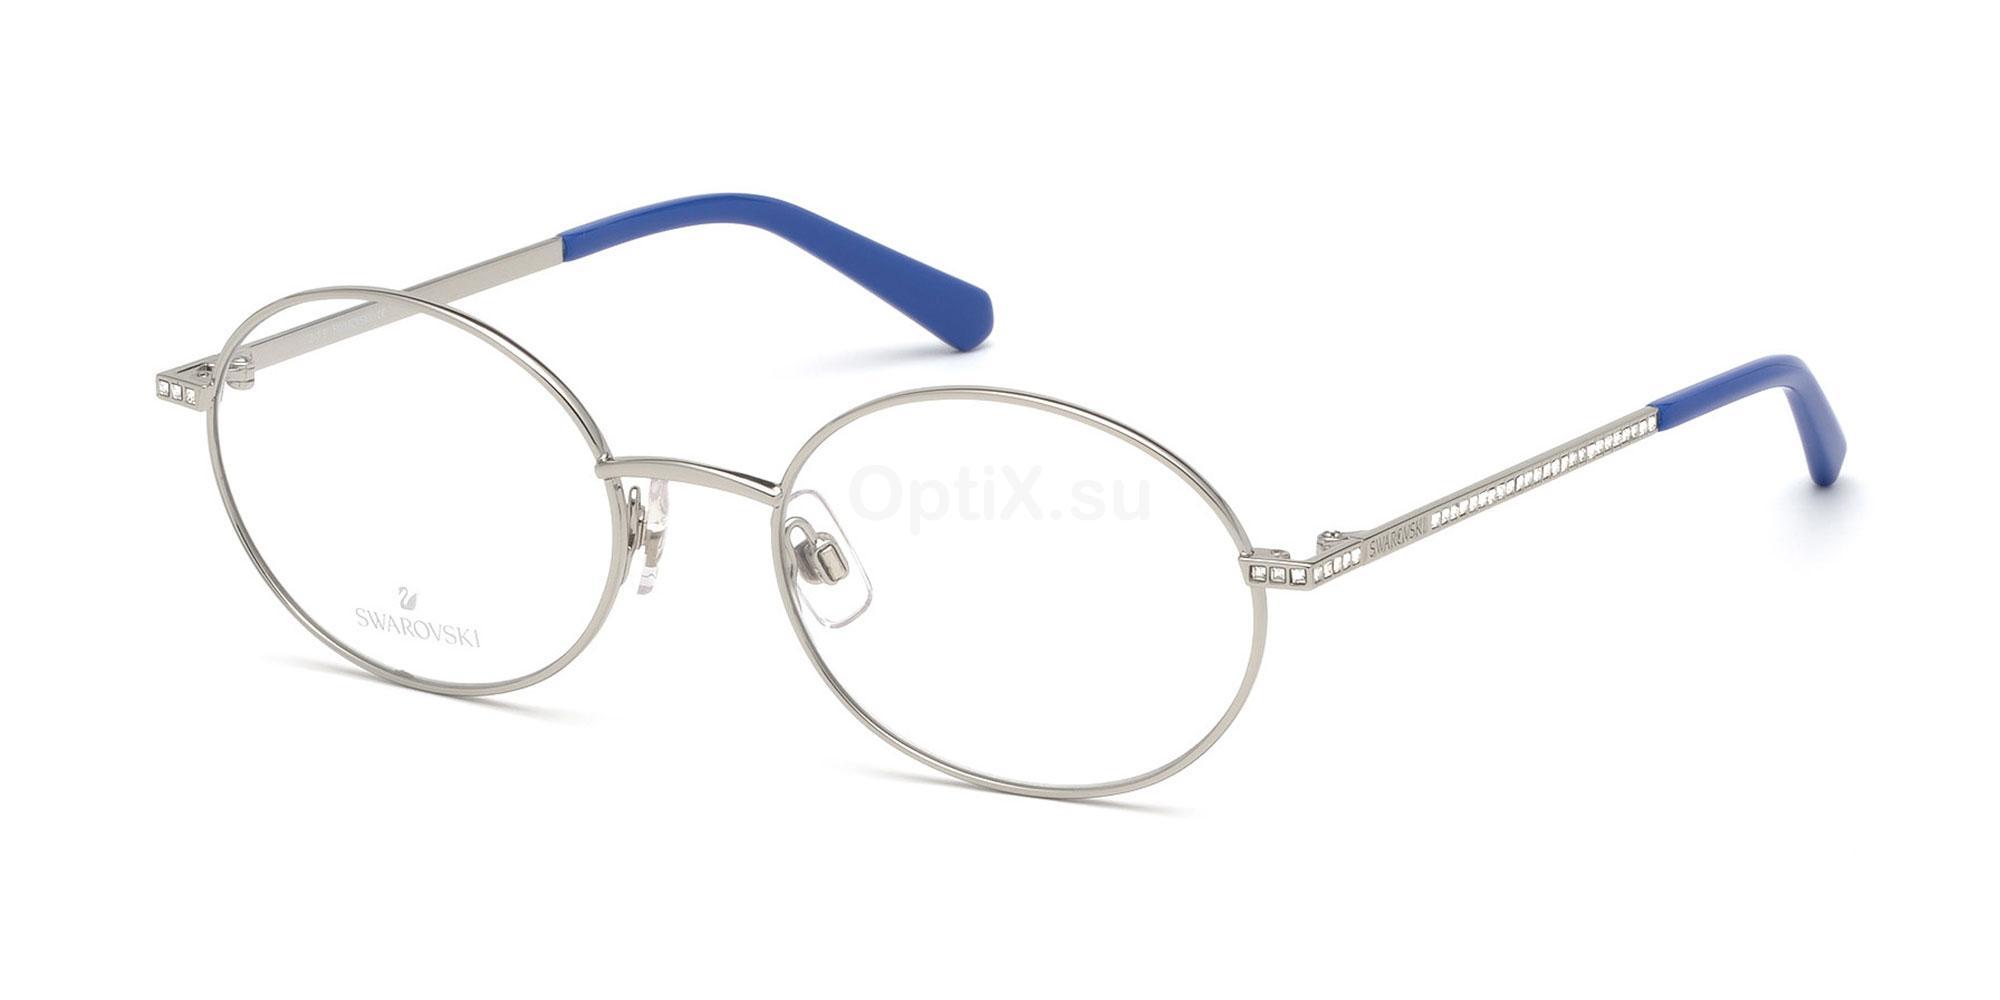 016 SK5335 Glasses, Swarovski